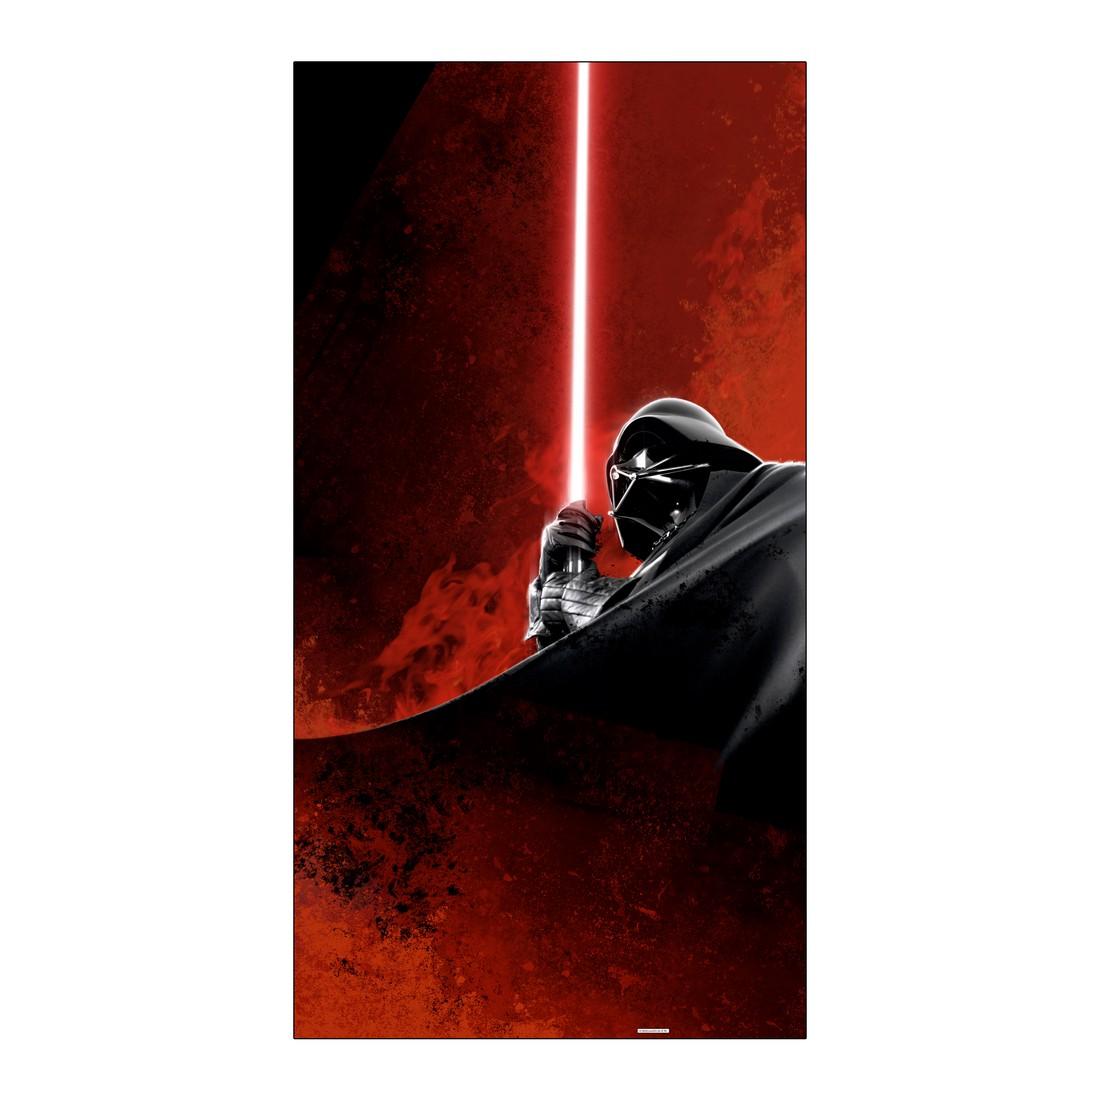 Leinwandbild Darth Vader – Mustafar Lava – Abmessung 100×50 cm, Gallery of Innovative Art günstig online kaufen